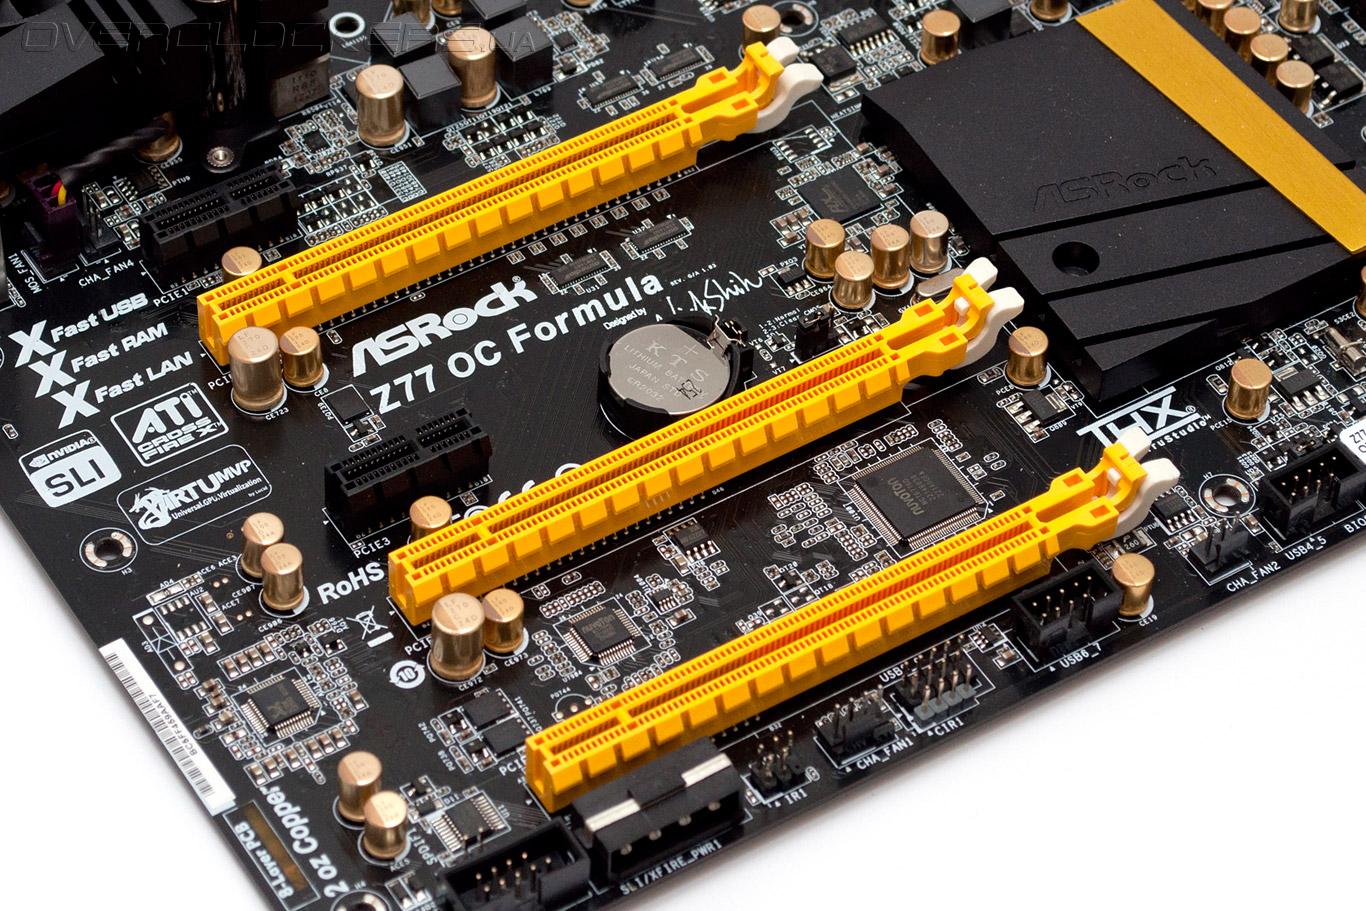 Asrock Z77 OC Formula Etron USB 3.0 Descargar Controlador